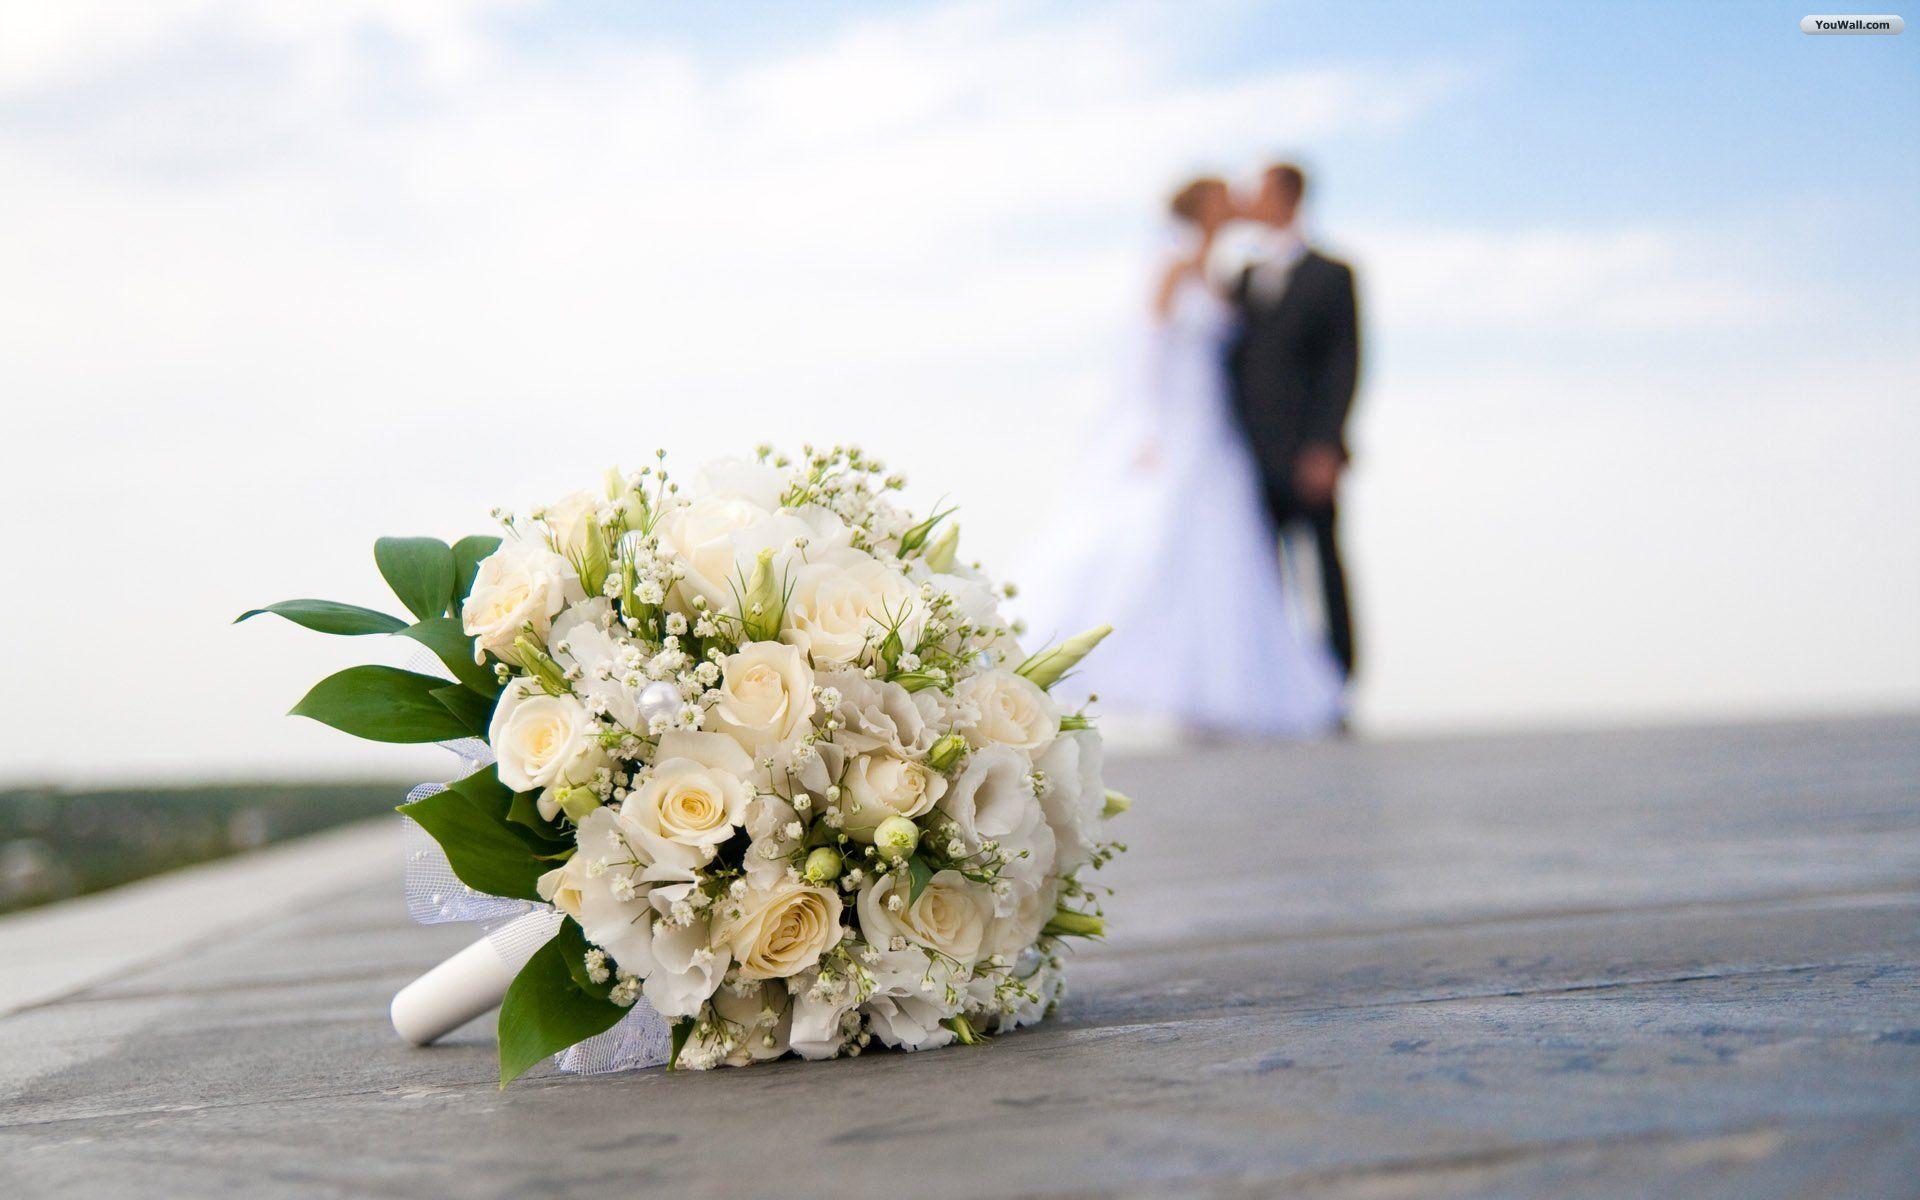 Casamento no exterior tem validade no Brasil? | Borges de Macedo Z. Advocacia